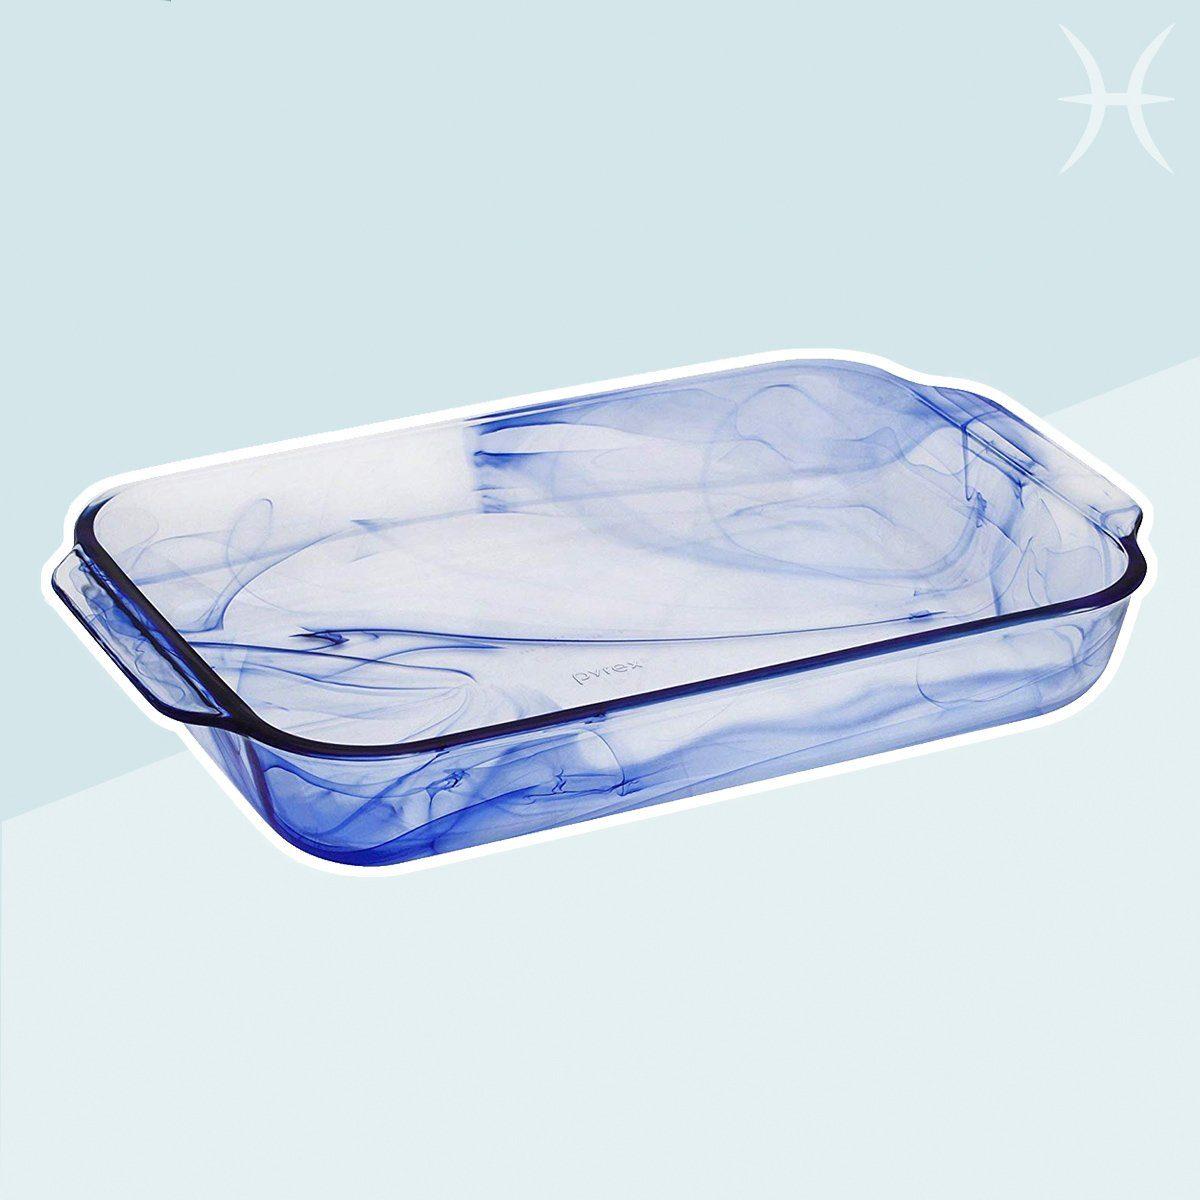 Pisces watercolor pyrex copy